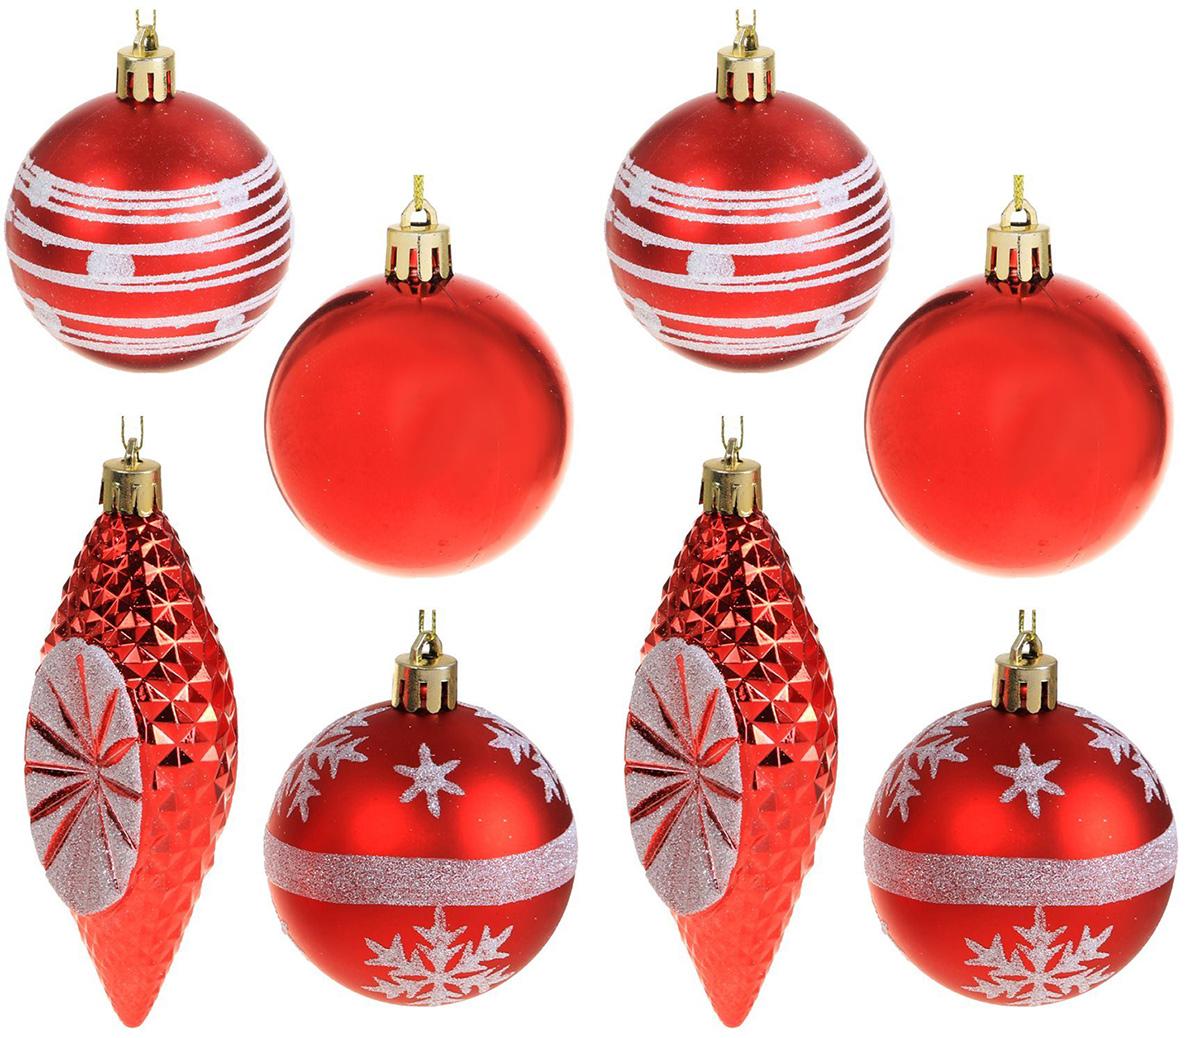 Набор новогодних подвесных украшений Sima-land Красный с сосульками, 6 см, 6 шт2131446Набор новогодних подвесных украшений Sima-land отлично подойдет для декорации вашего дома и новогодней ели. Новогодние украшения можно повесить в любом понравившемся вам месте. Но, конечно, удачнее всего они будет смотреться на праздничной елке.Елочная игрушка - символ Нового года. Она несет в себе волшебство и красоту праздника. Такое украшение создаст в вашем доме атмосферу праздника, веселья и радости.